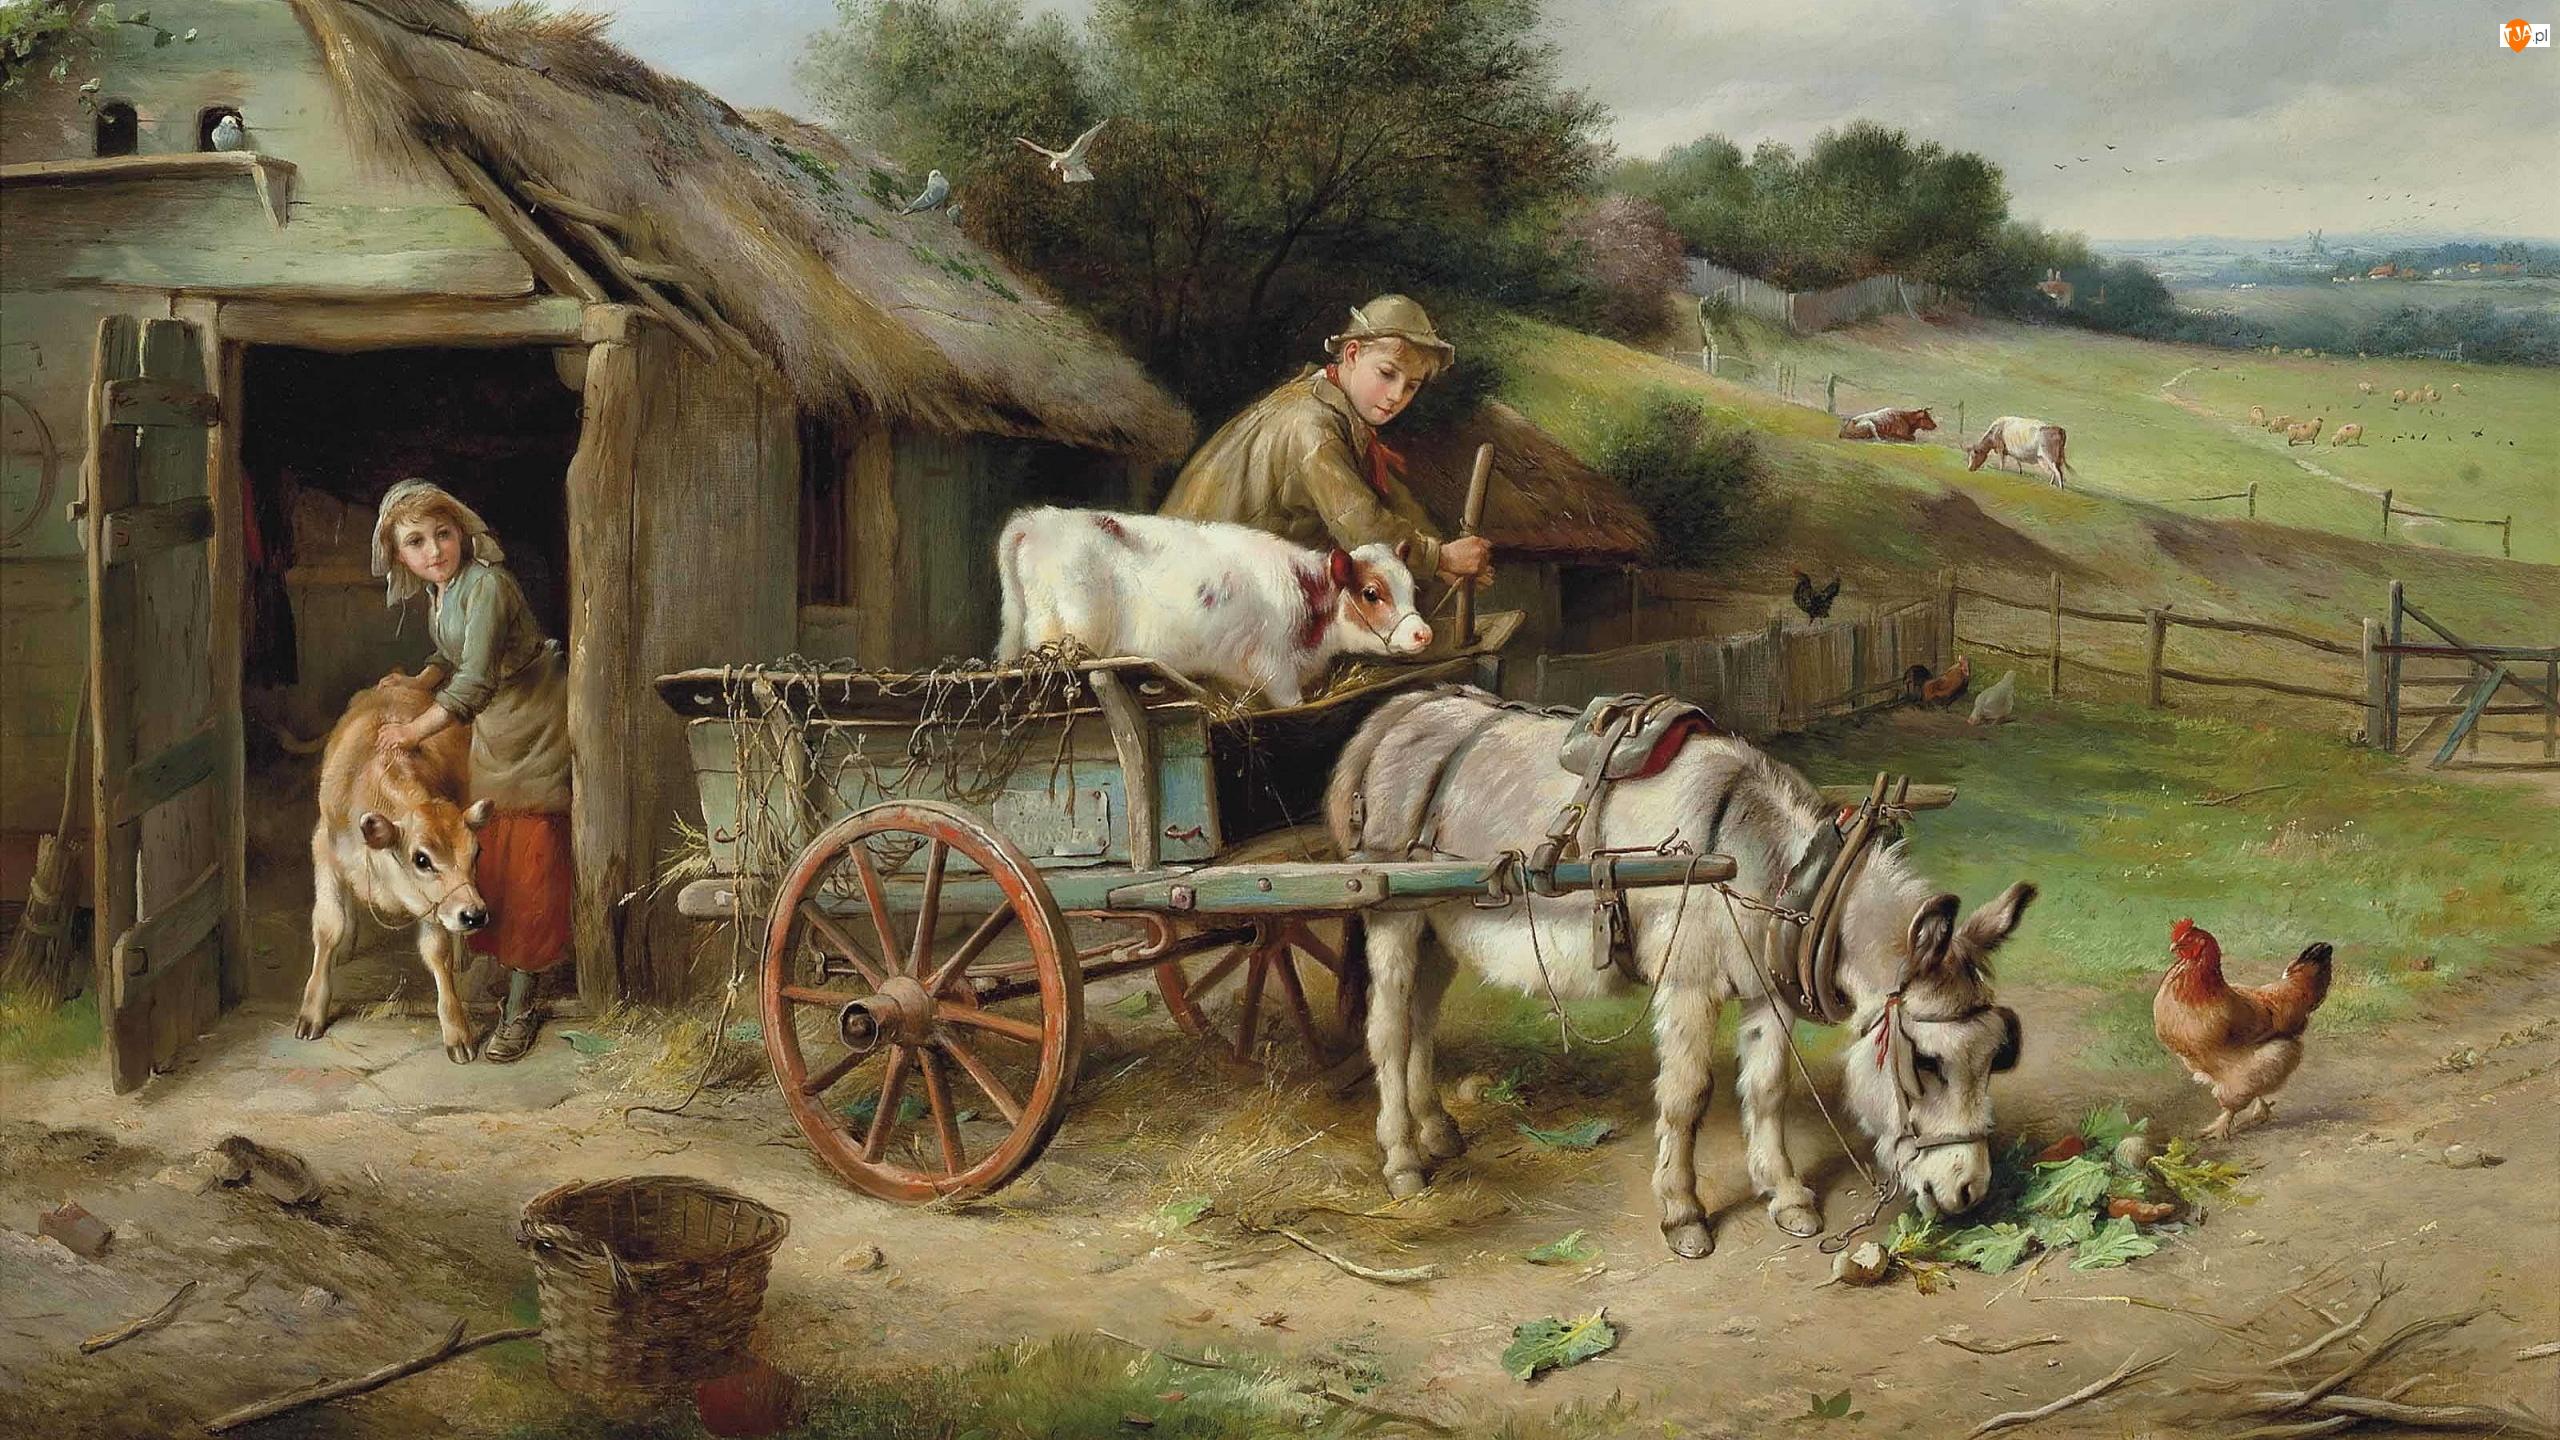 Obraz, Owce, Osioł, Stodoła, Mężczyzna, Wóz, Wieś, Zagroda, Walter Hunt, Pastwisko, Kobieta, Kury, Malarstwo, Krowy